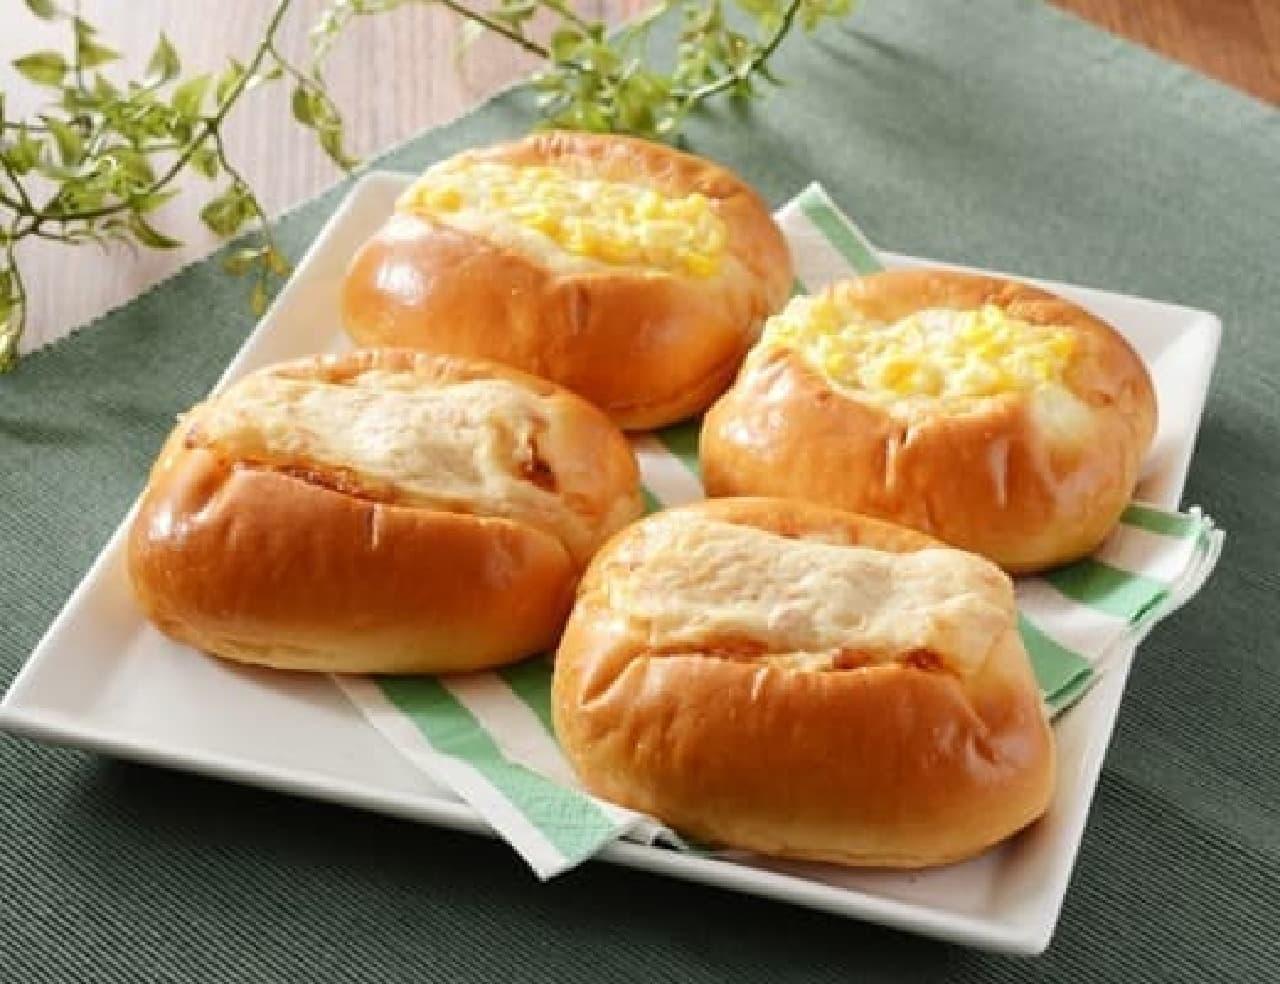 ローソン「ツナパンとコーンパン 4個入」